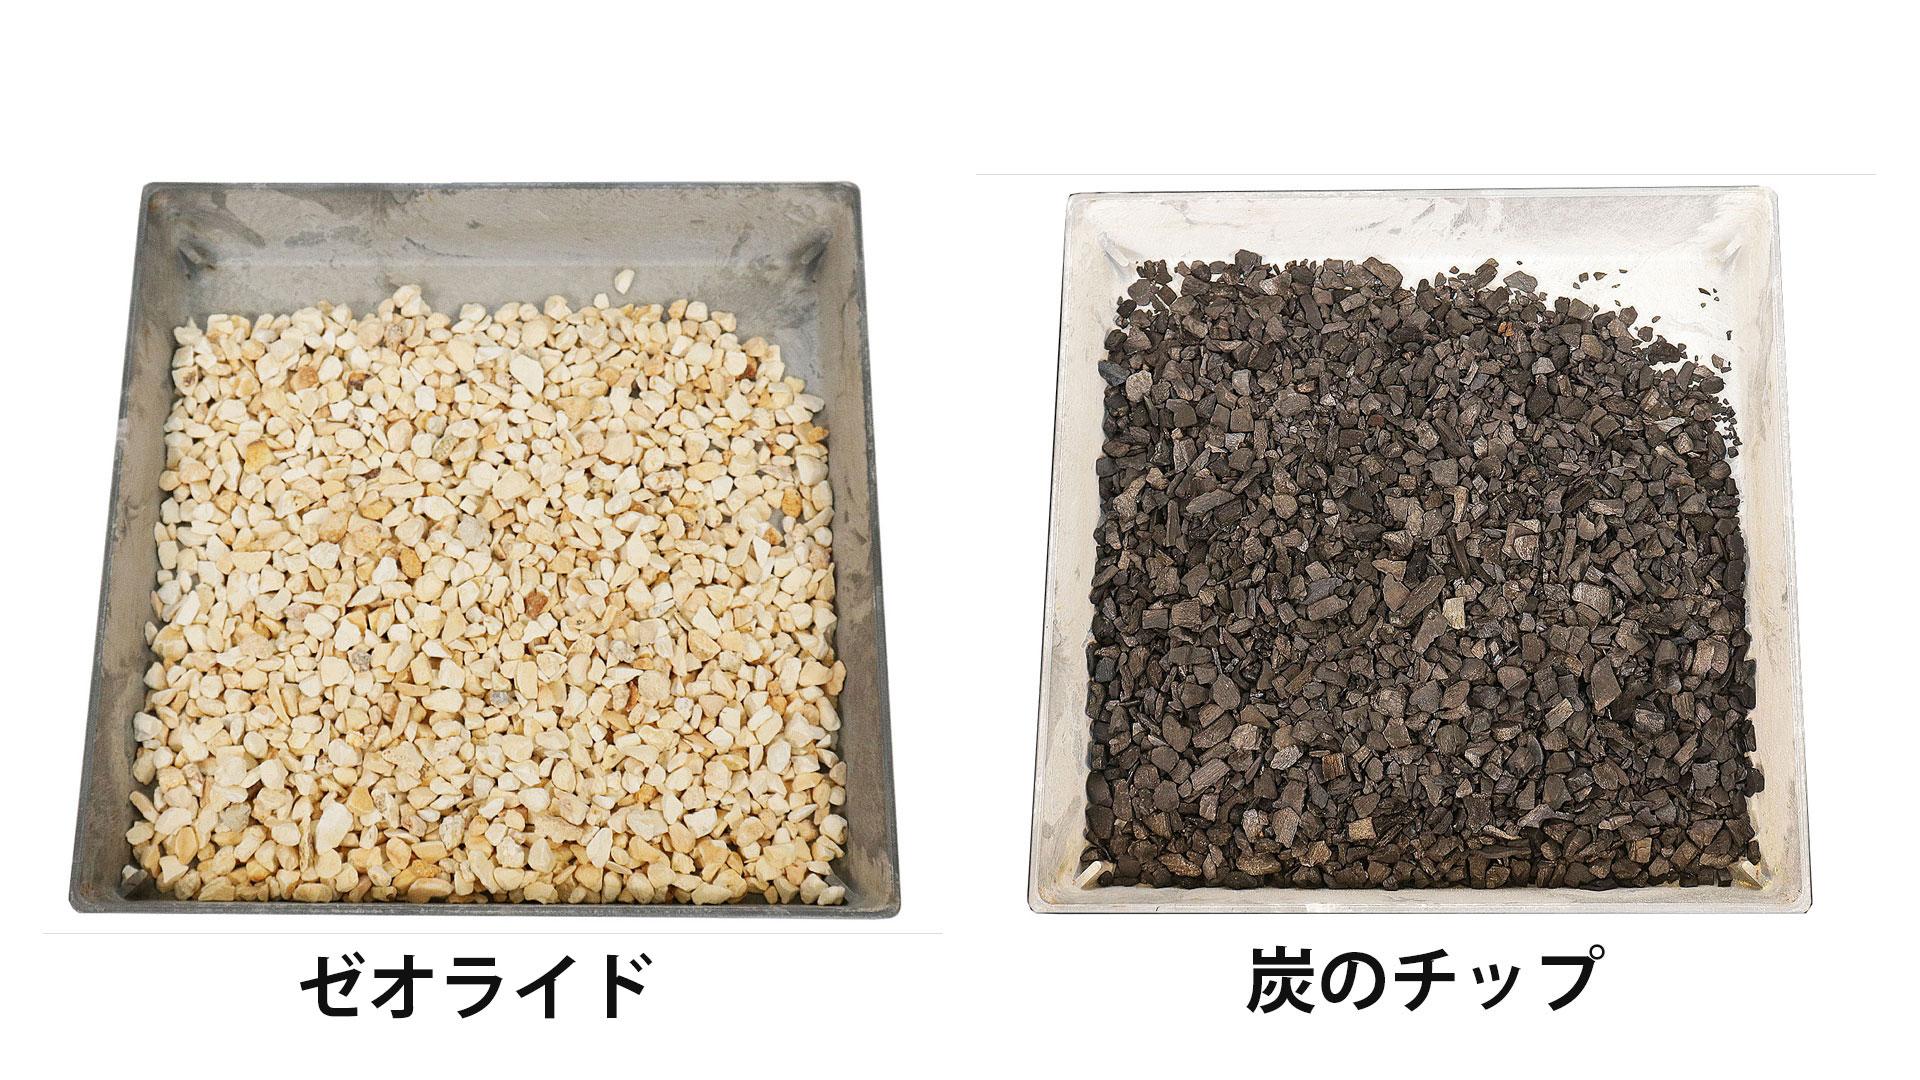 ハイドロカルチャーに使える素材。ゼオライドと炭のチップ